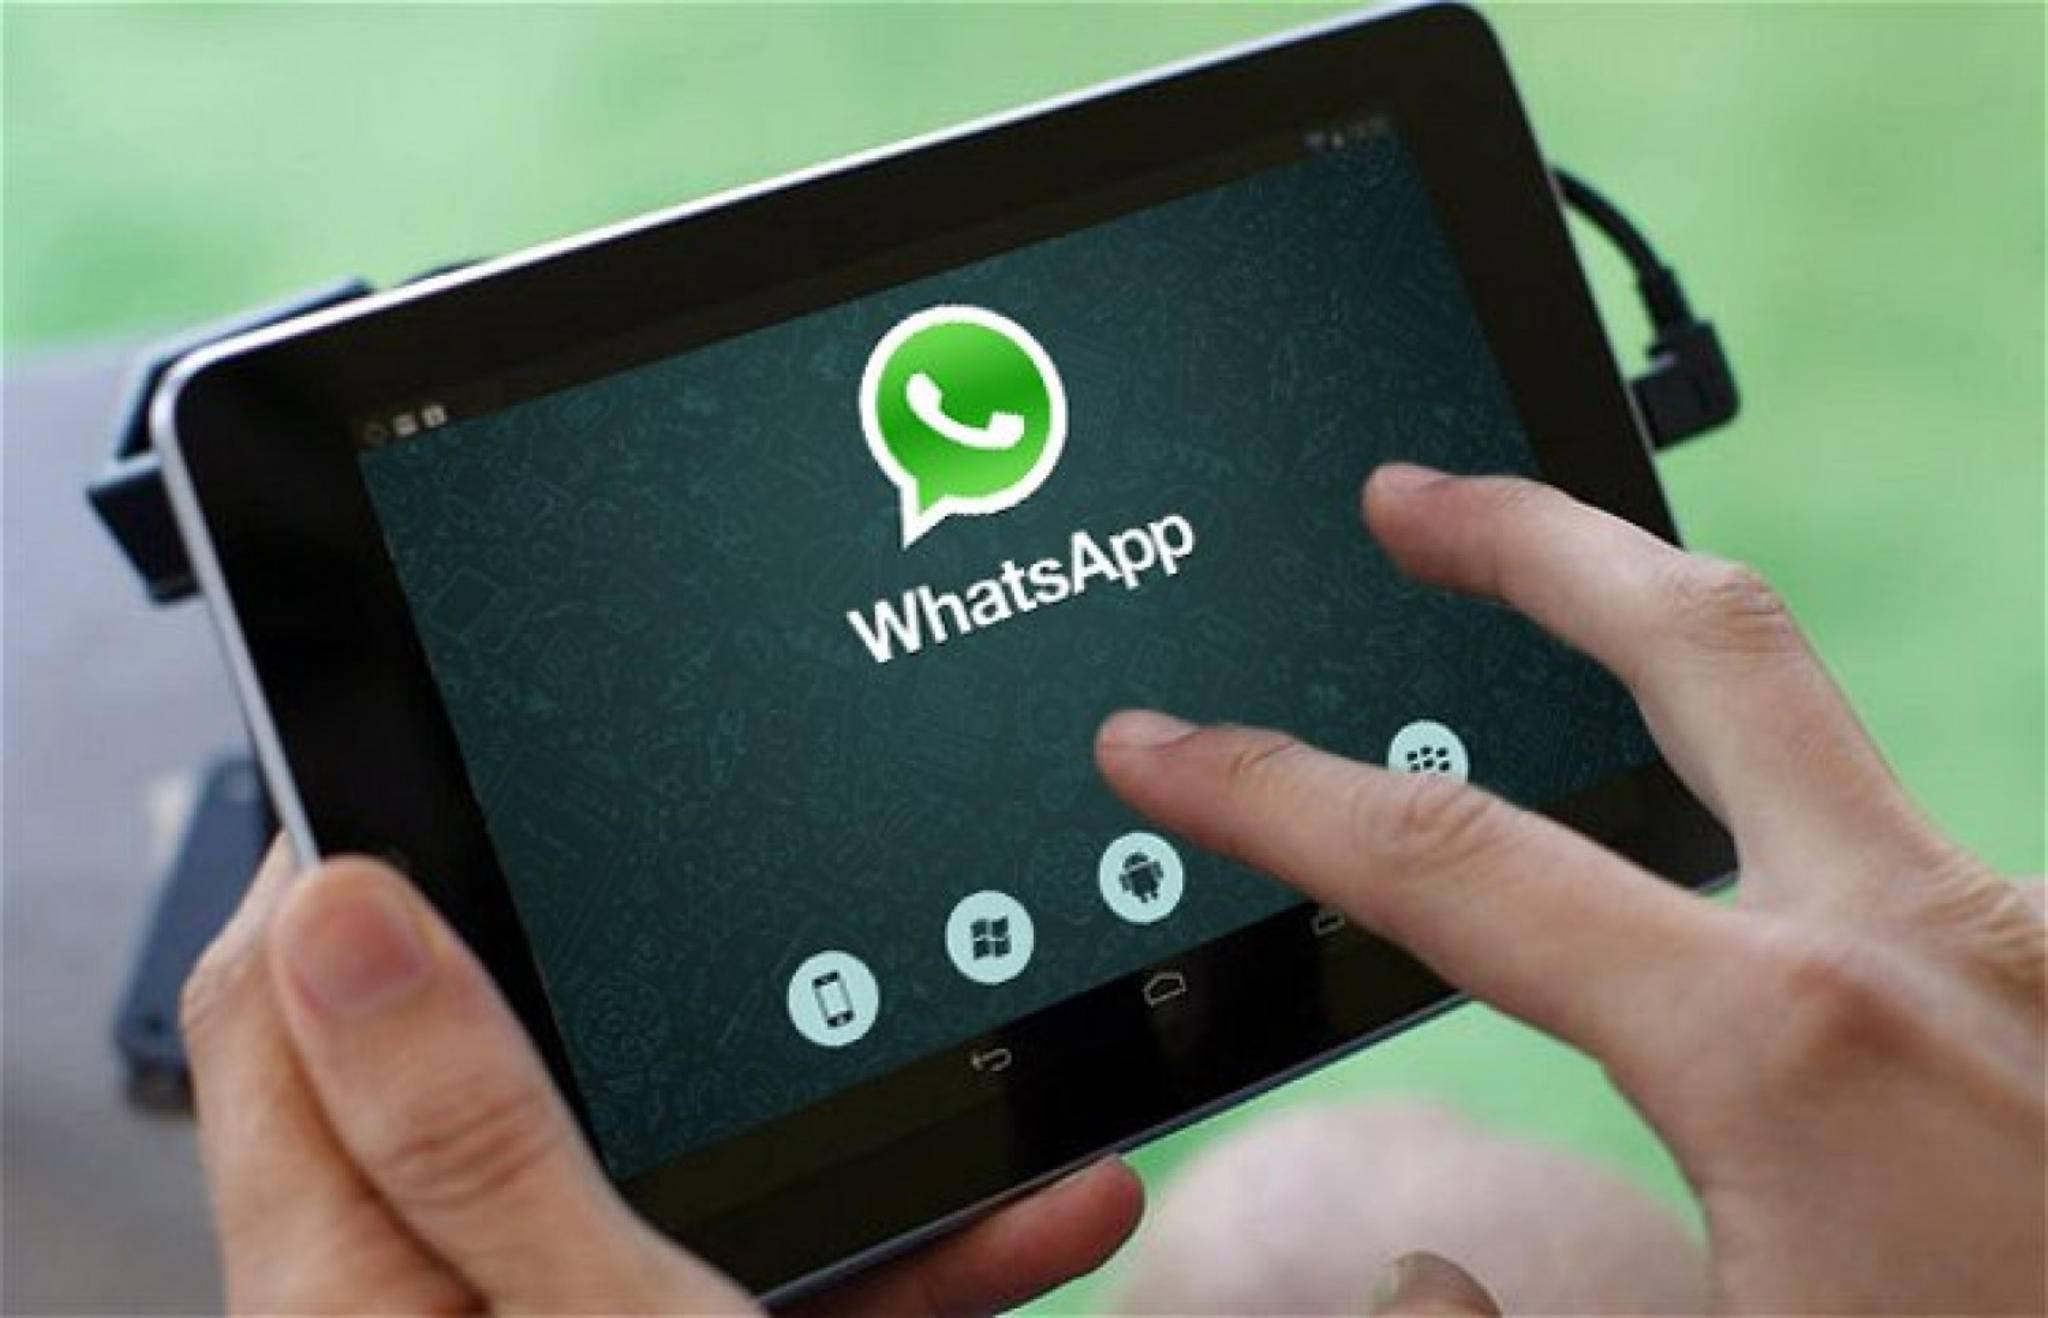 WhatsApp arbeitet an einem Multi-Device-Support von bis zu vier Geräten.